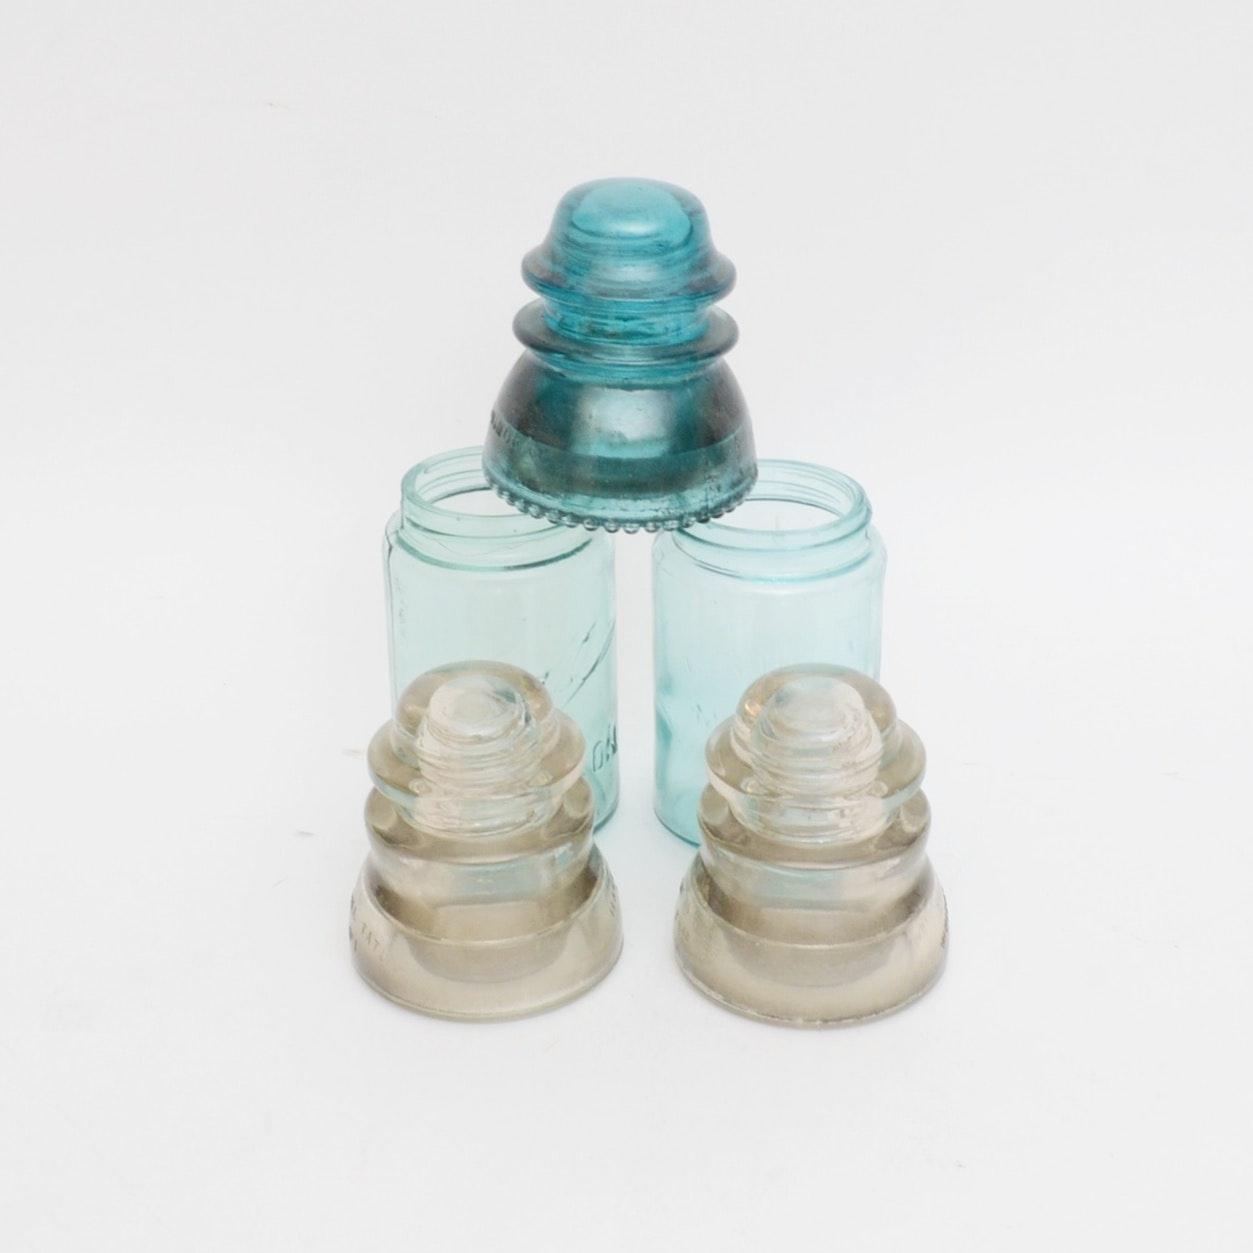 Vintage Insulators and Mason Jars